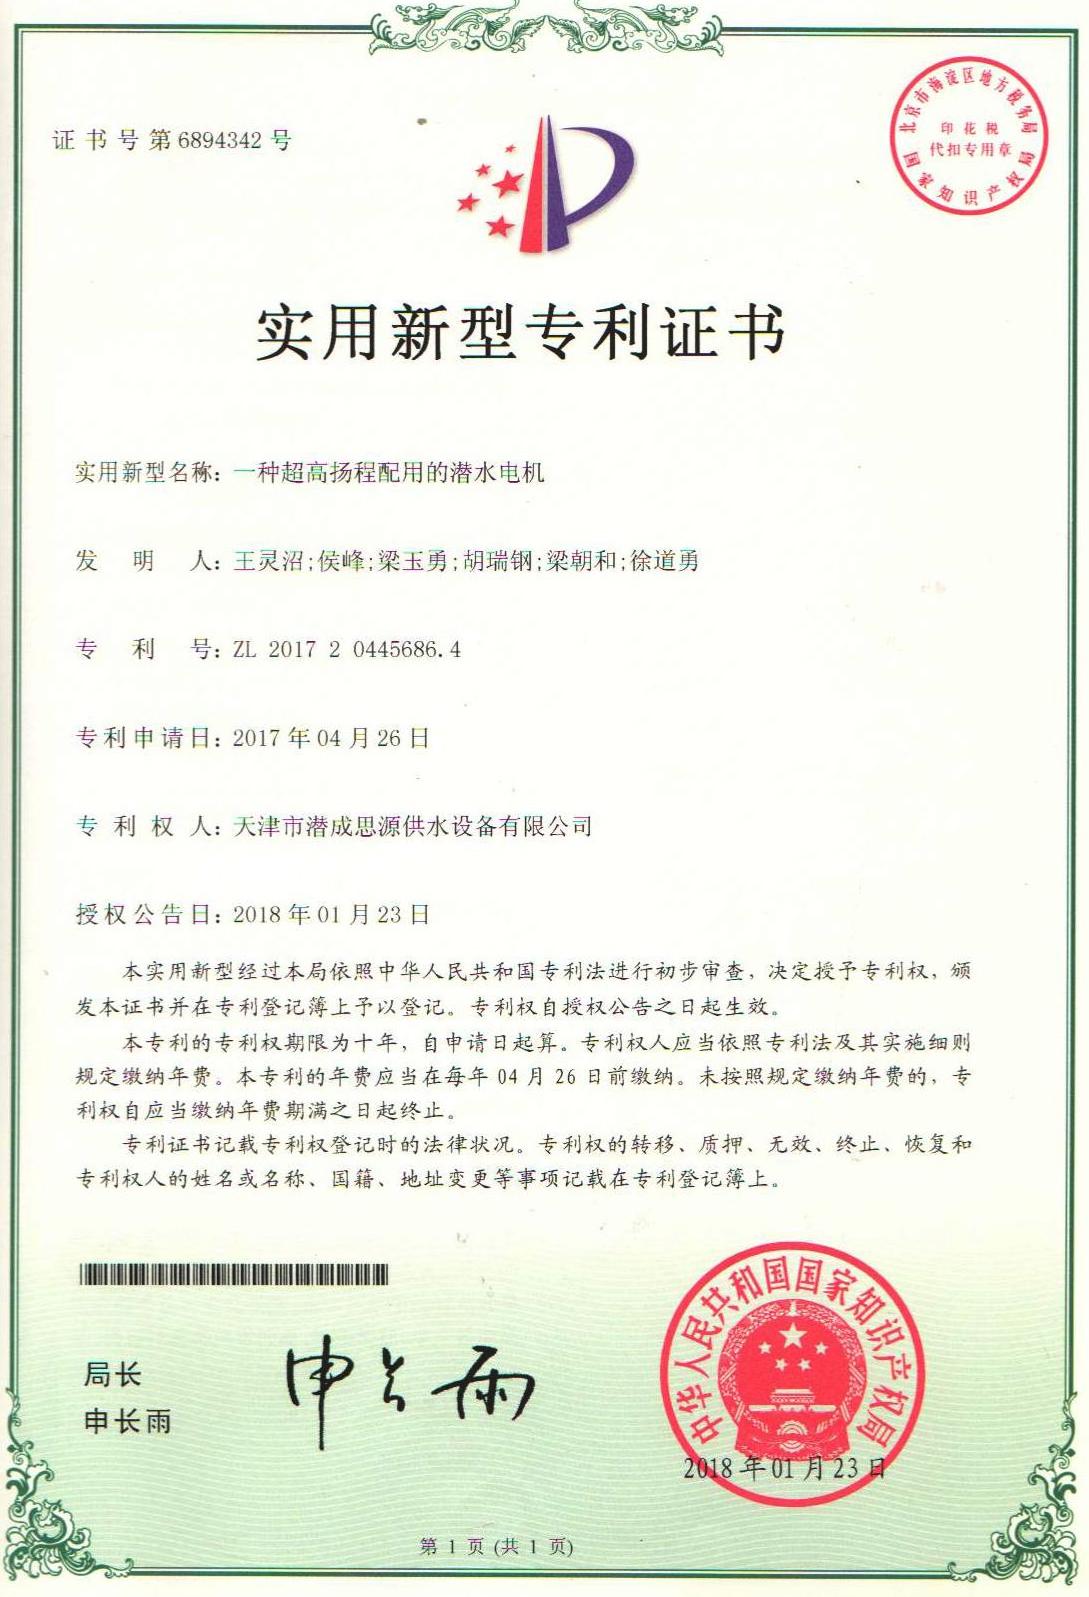 资质荣誉第9张-潜水电机-潜水电泵-高压潜水电机-天津潜成泵业